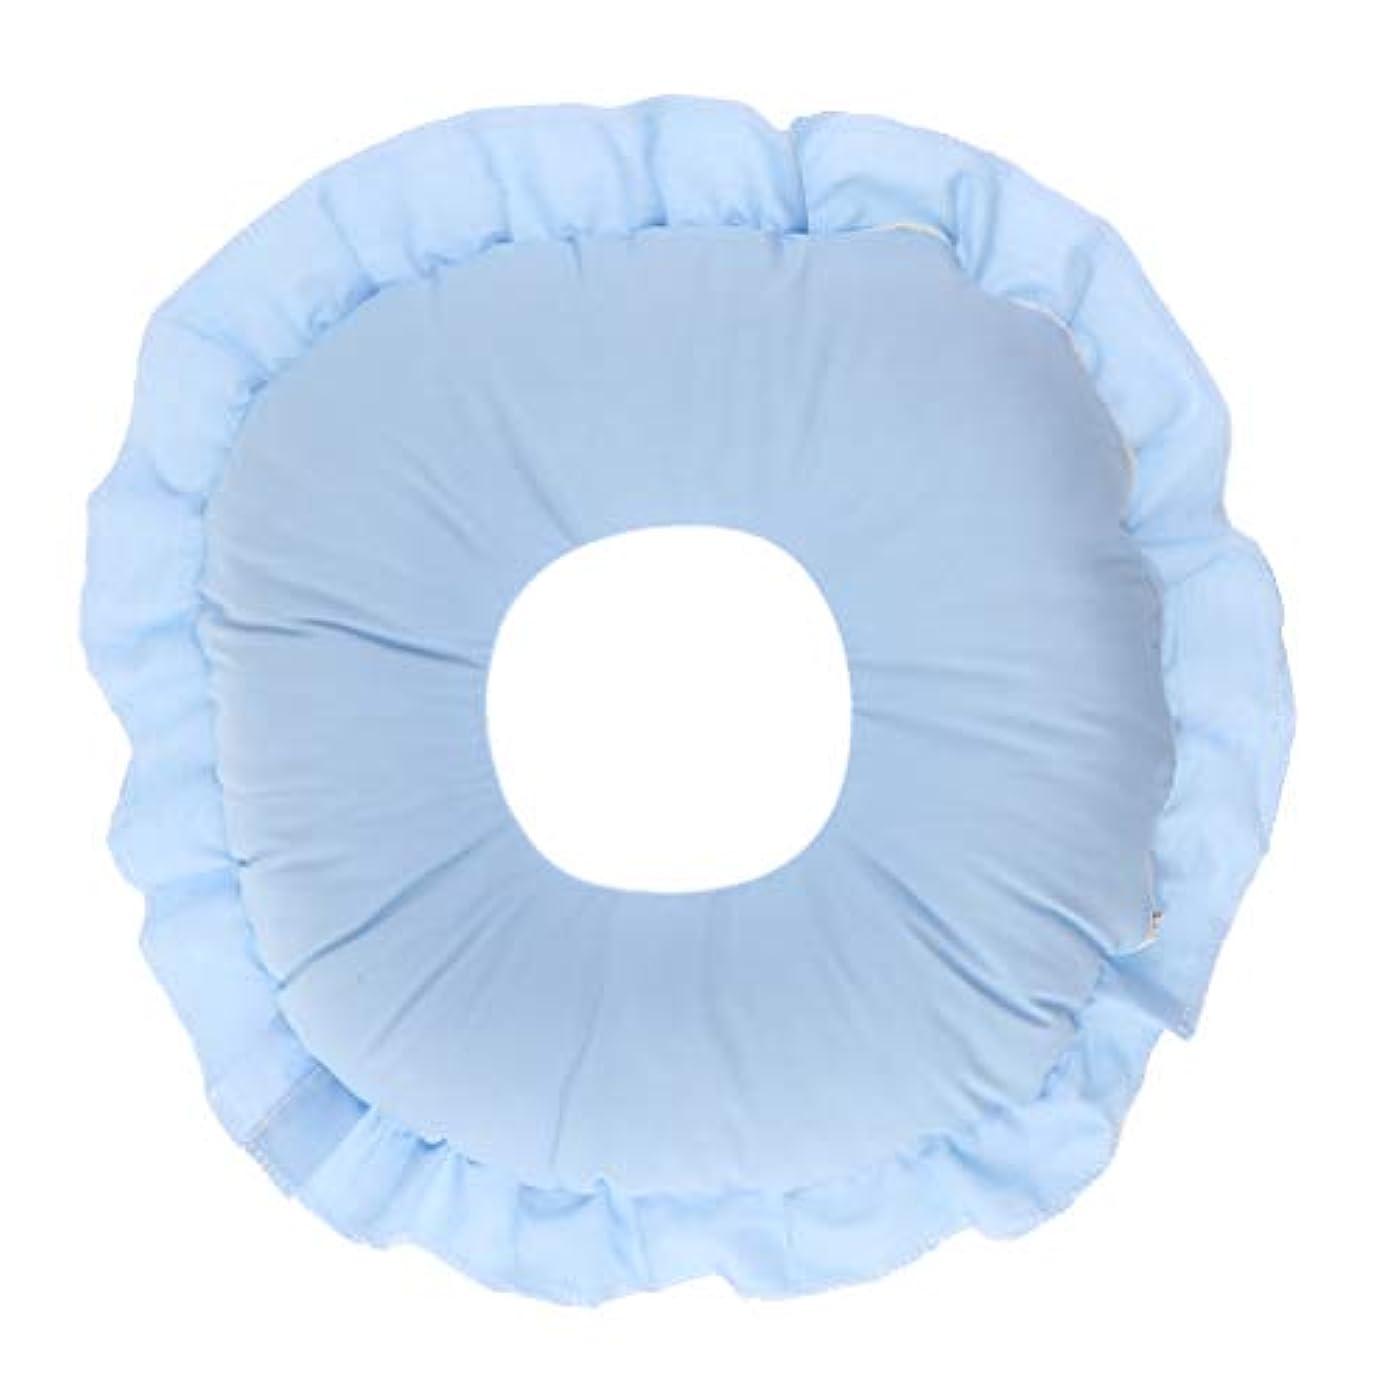 発明する神の式フェイスピロー 顔枕 マッサージ枕 フェイスクッション ソフト 洗えるカバー 全3色 - 青